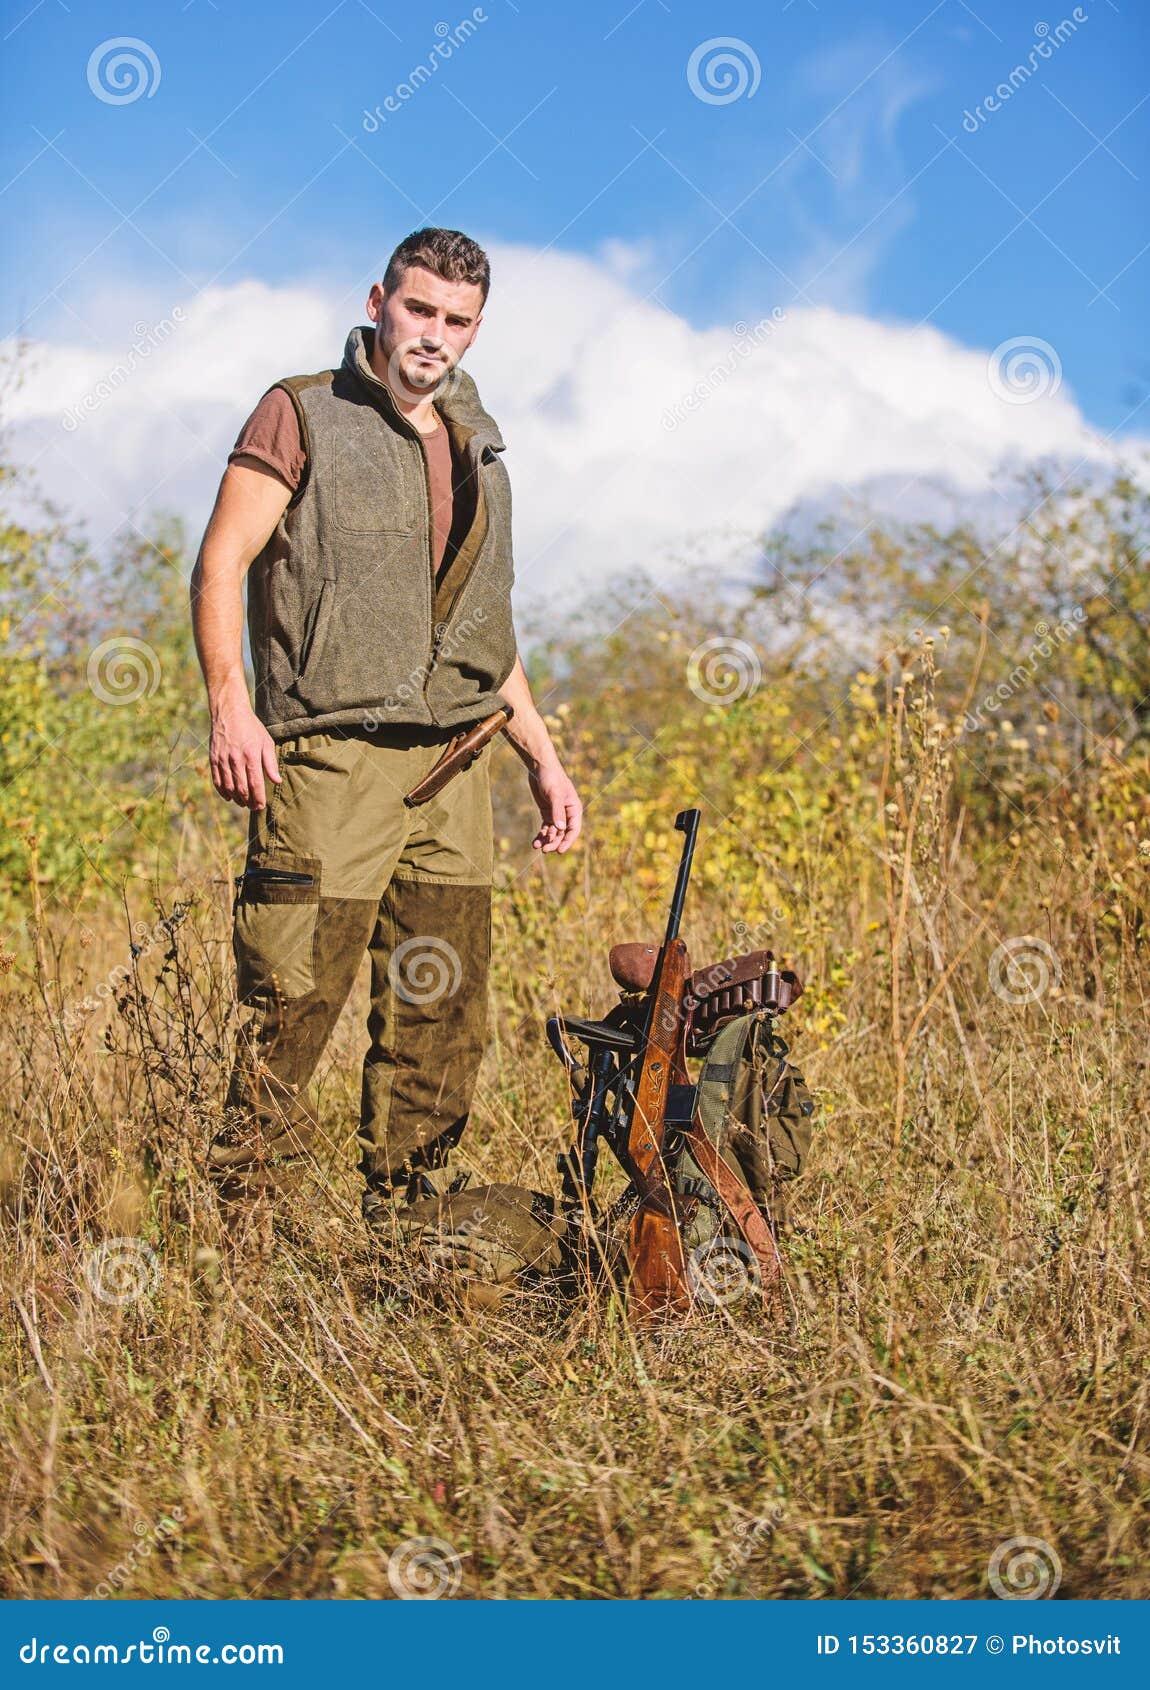 F?rbered sig f?r att jaga Vad du b?r ha stund som jagar naturmilj?n Man med naturen f?r gev?rjaktutrustning